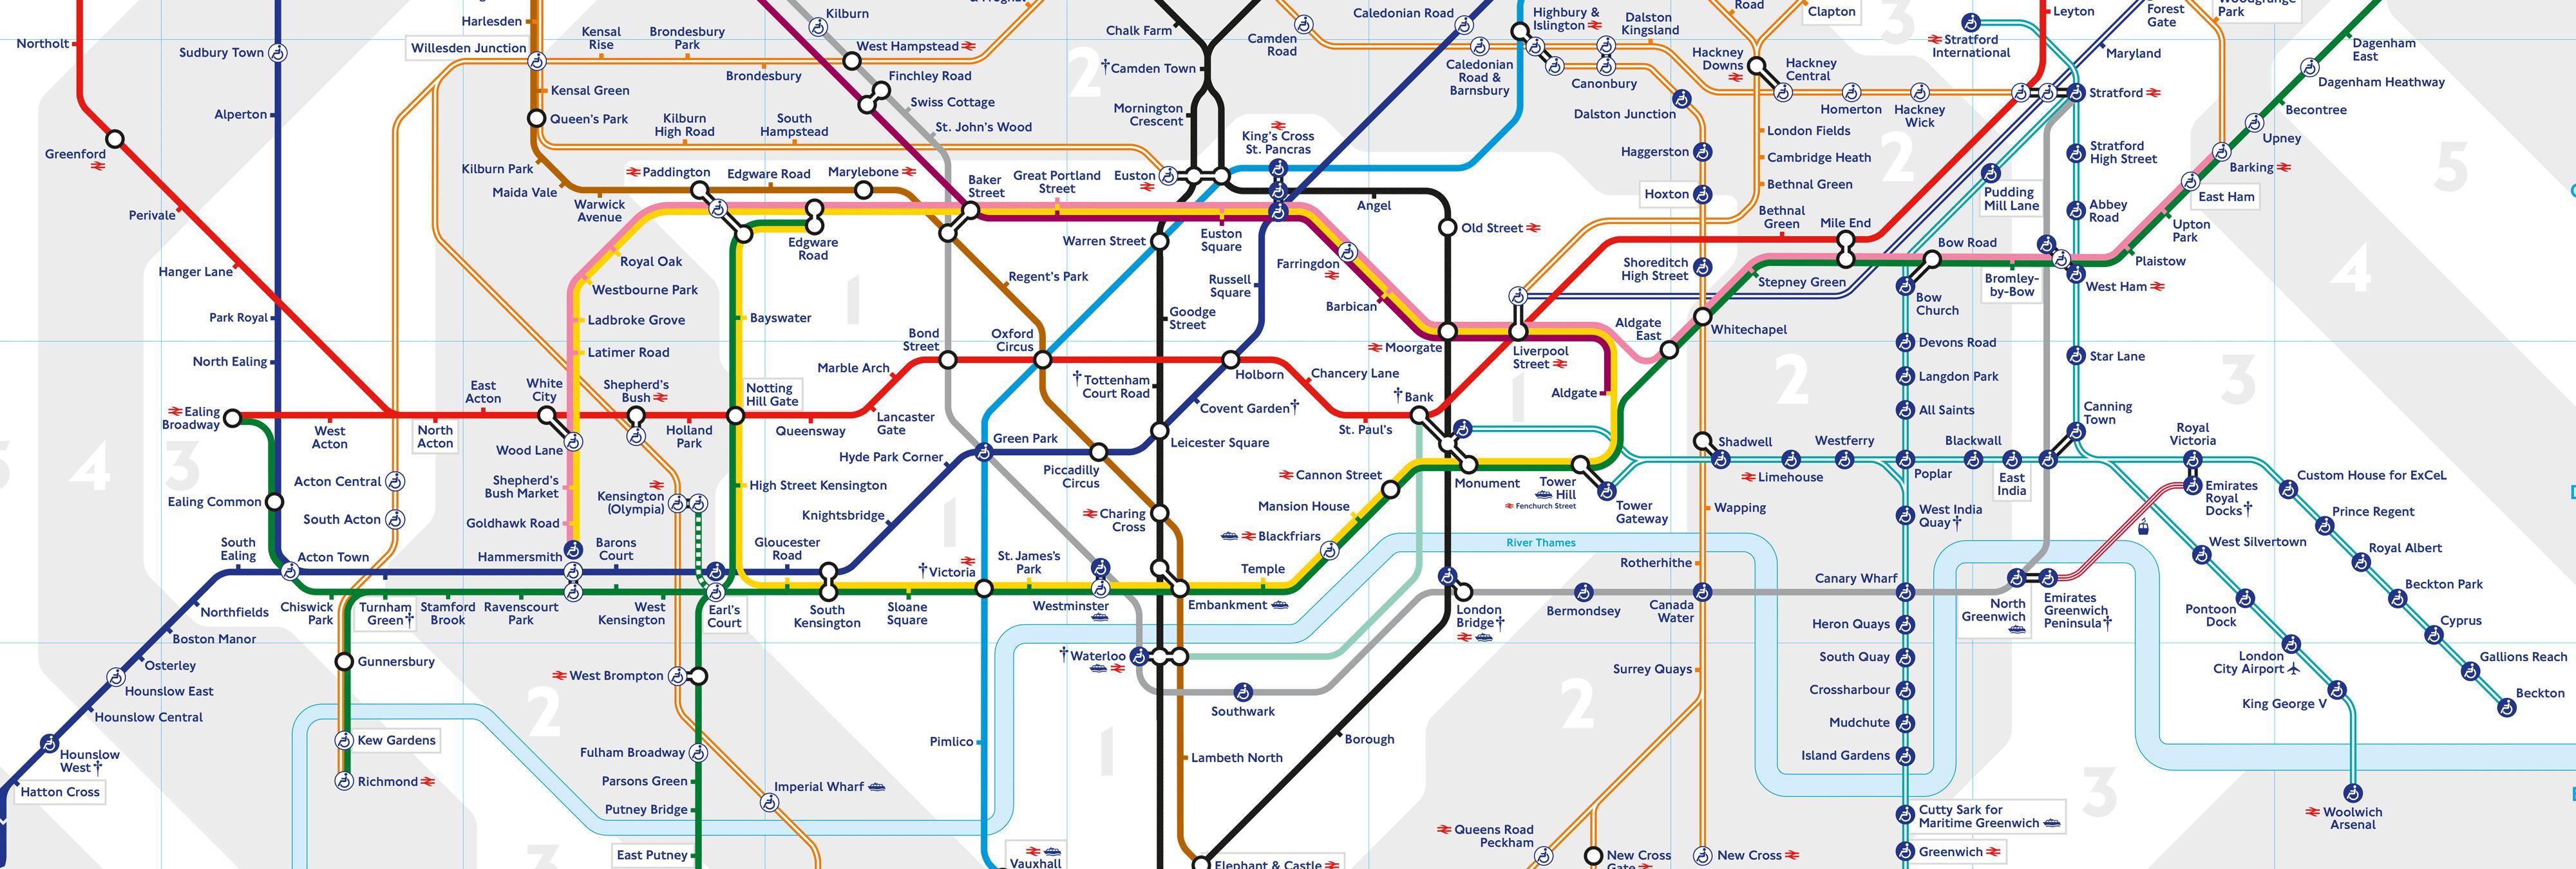 Proponen sustituir una línea del metro de Londres por pasillos rodantes